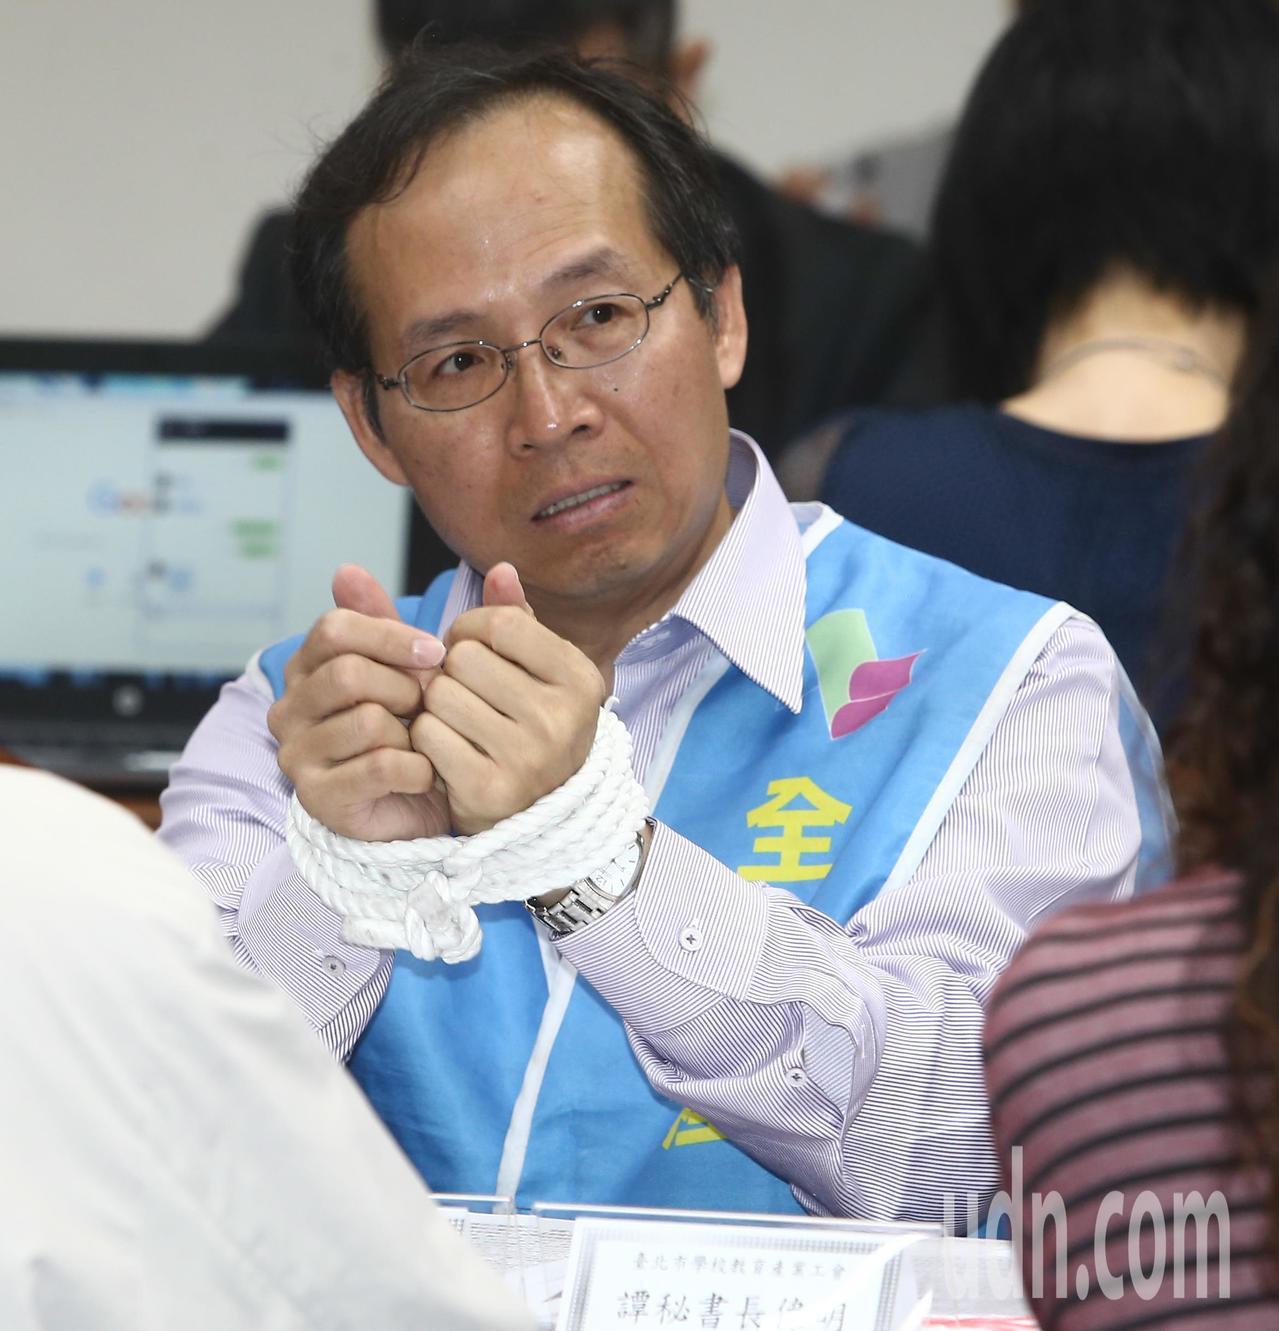 全國教育產業總工會理事長黃耀南在立法院教師法修法座談會上表示,專審會被特定團體把...